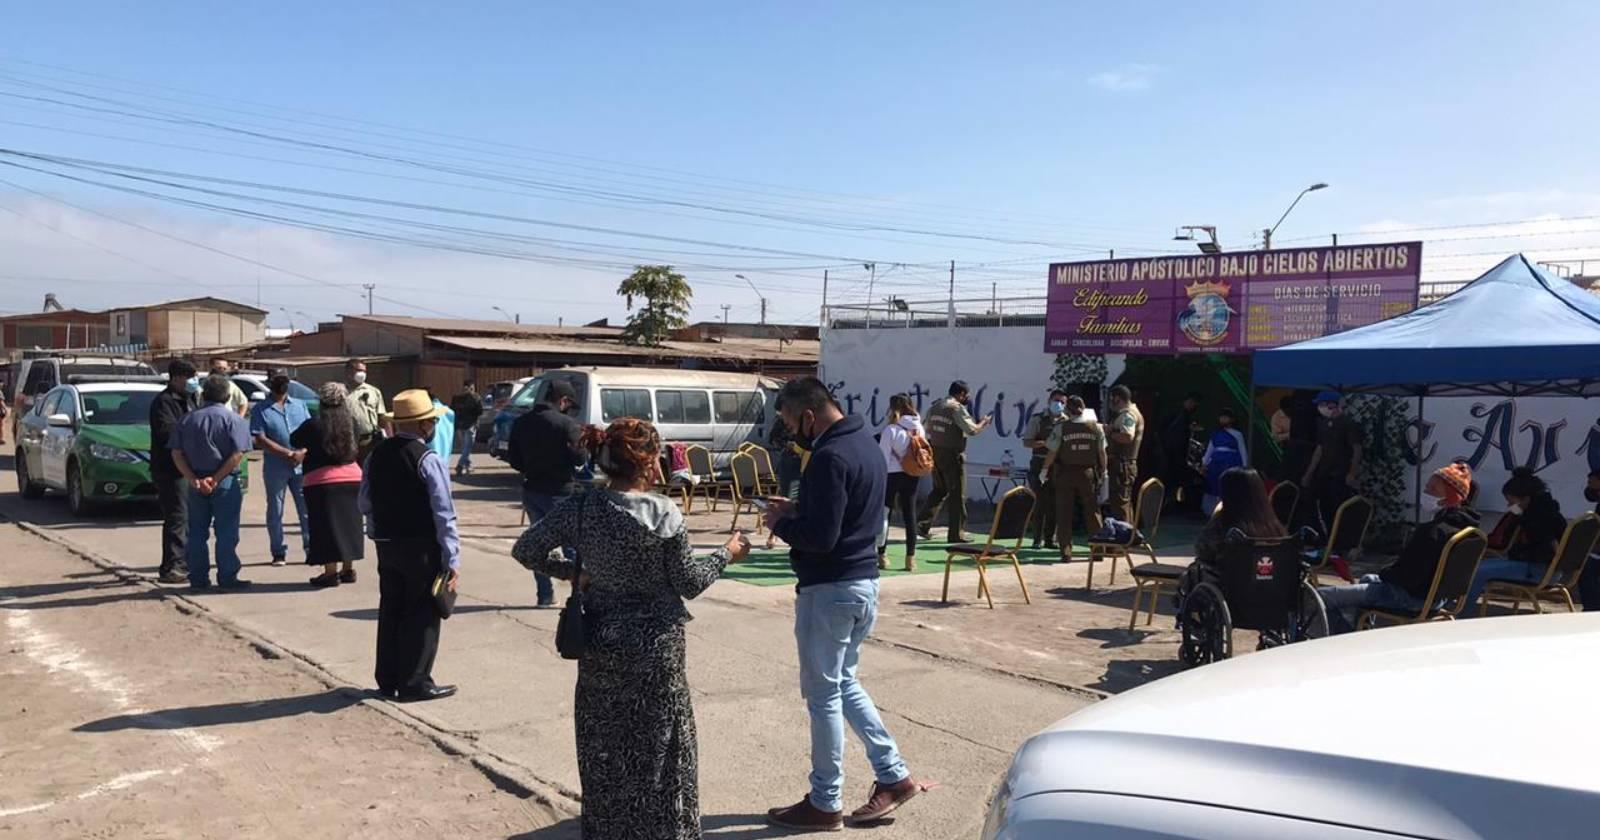 Había más de 50 personas: detienen a pastor evangélico por realizar culto en Arica